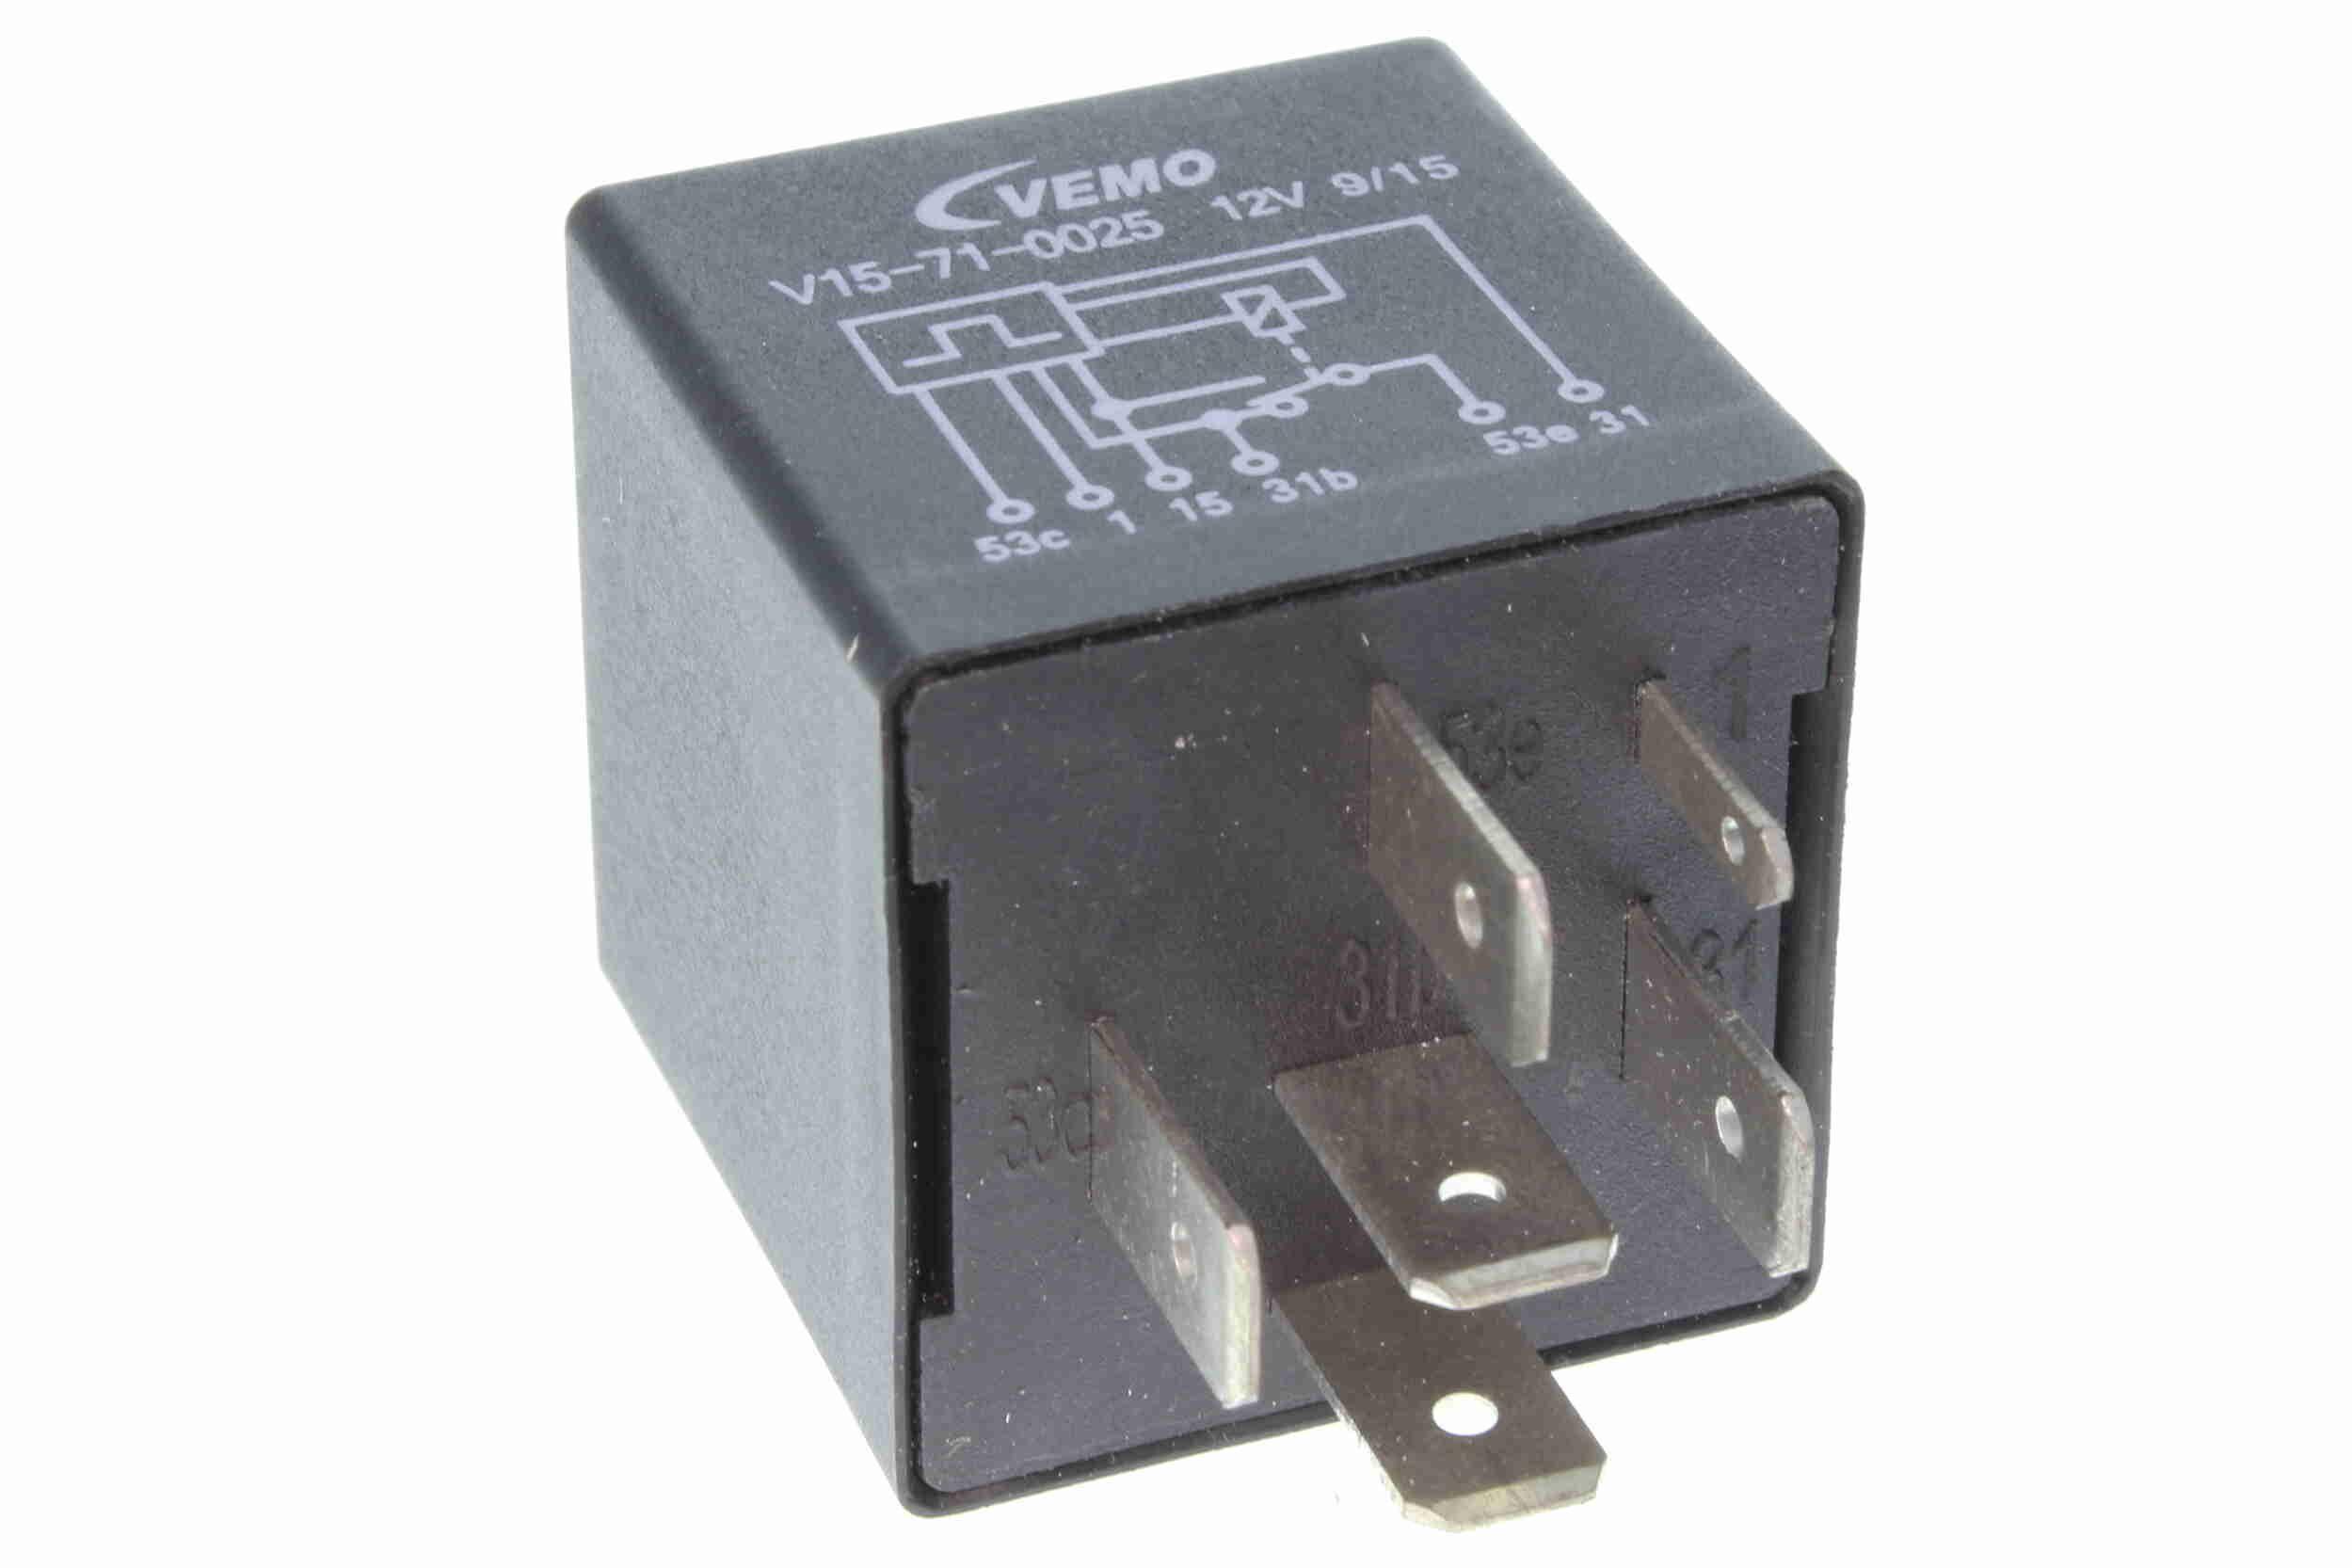 V15-71-0025 VEMO Relais, Wisch-Wasch-Intervall - online einkaufen